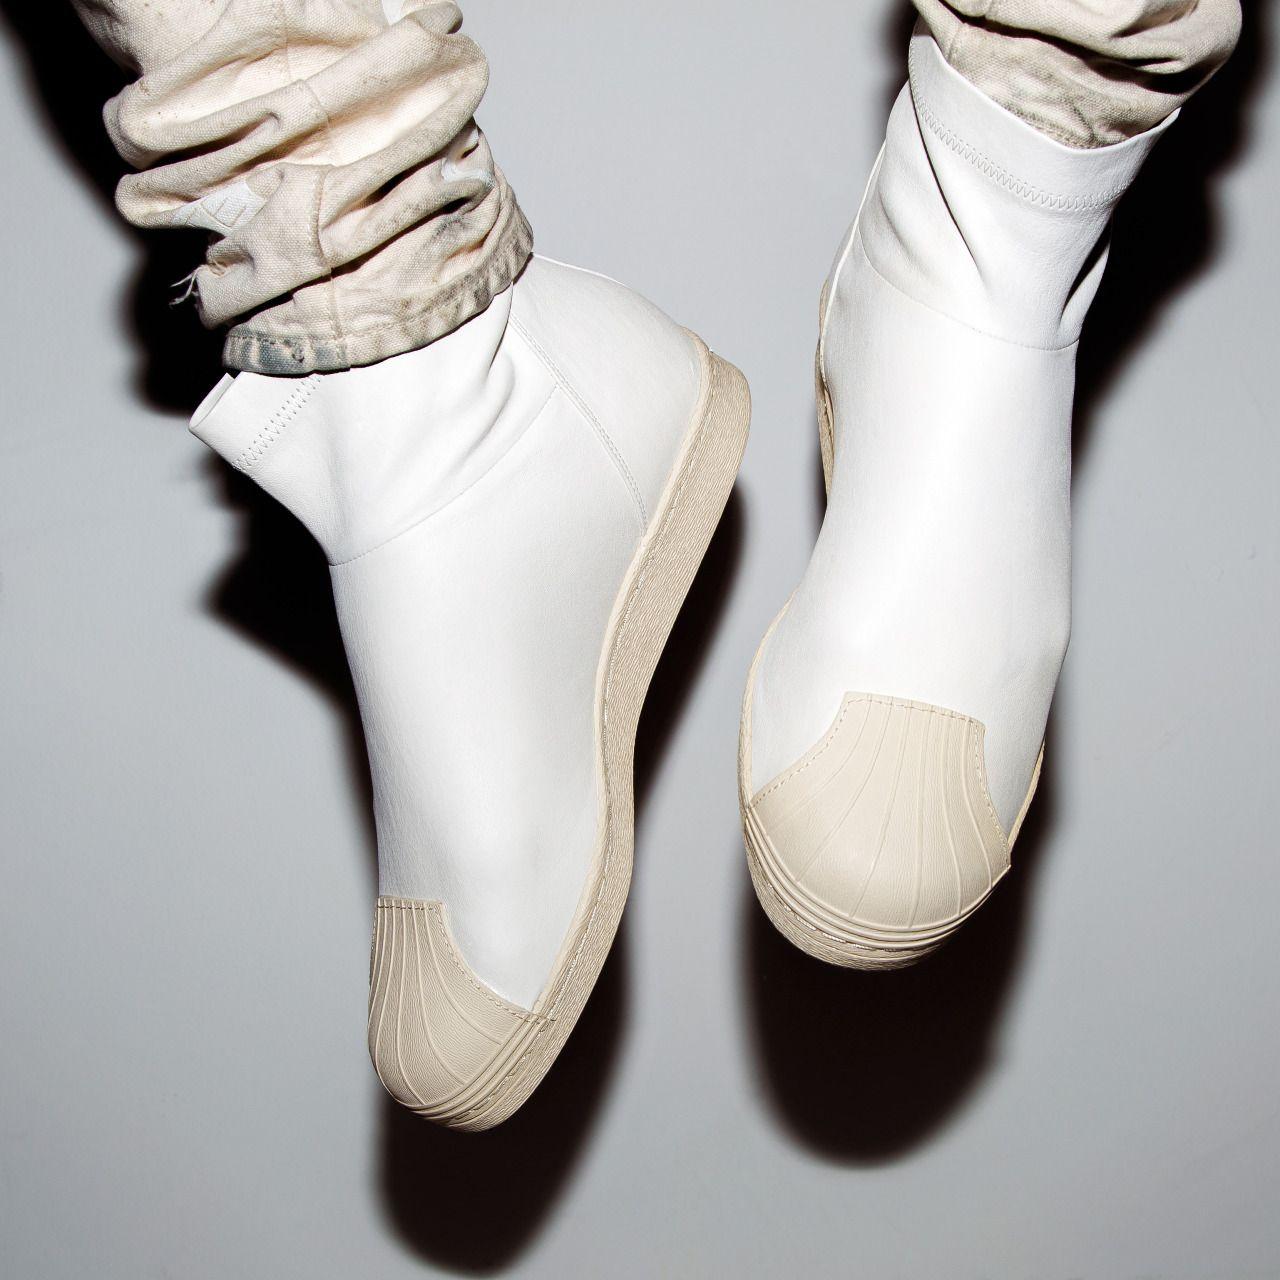 adidas superstar boots